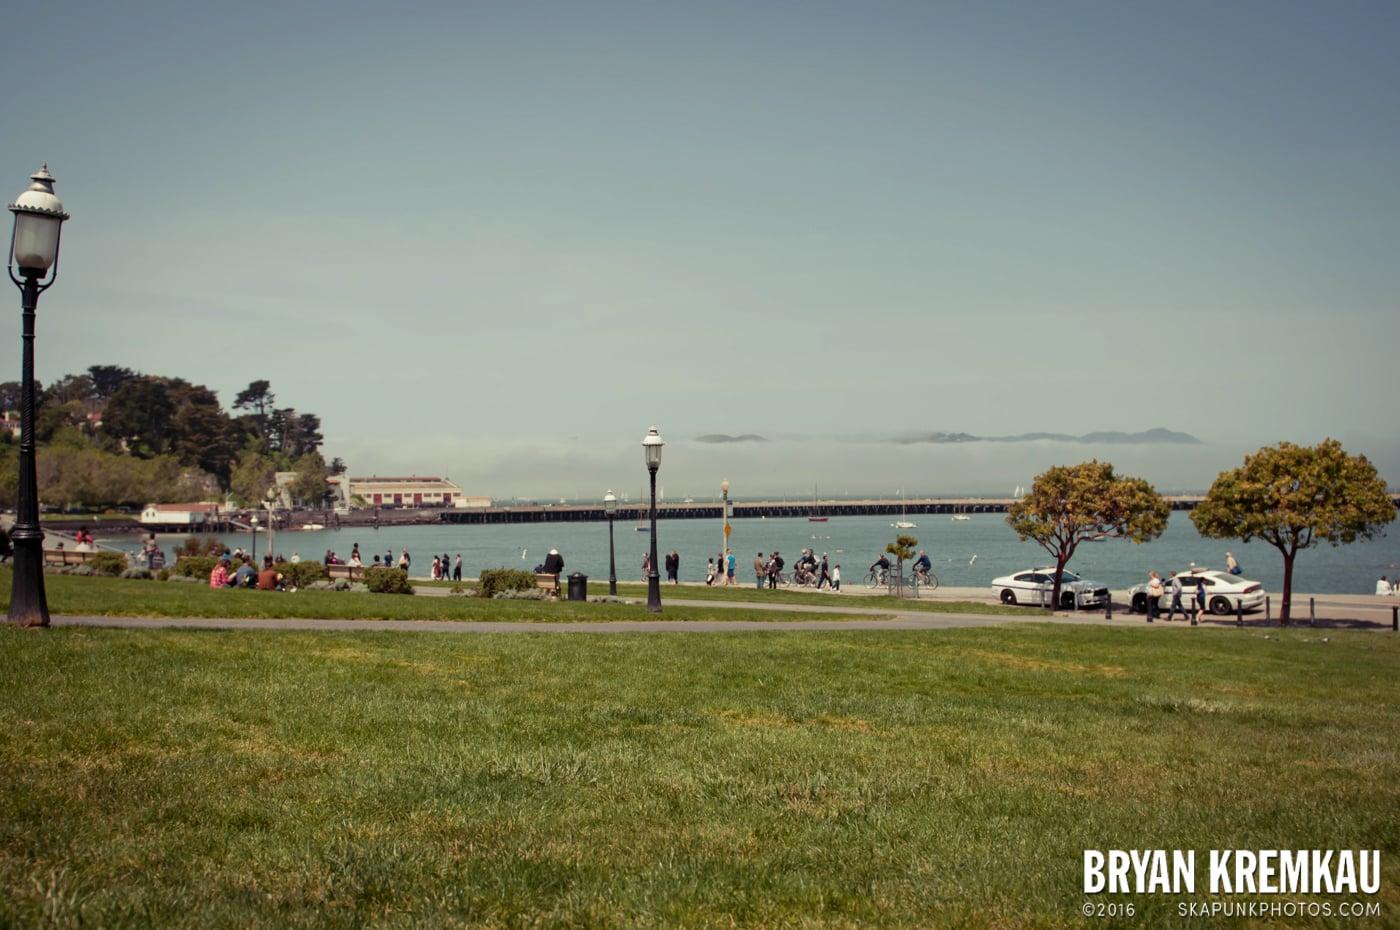 San Francisco Vacation - Day 2 - 4.29.12 (25)